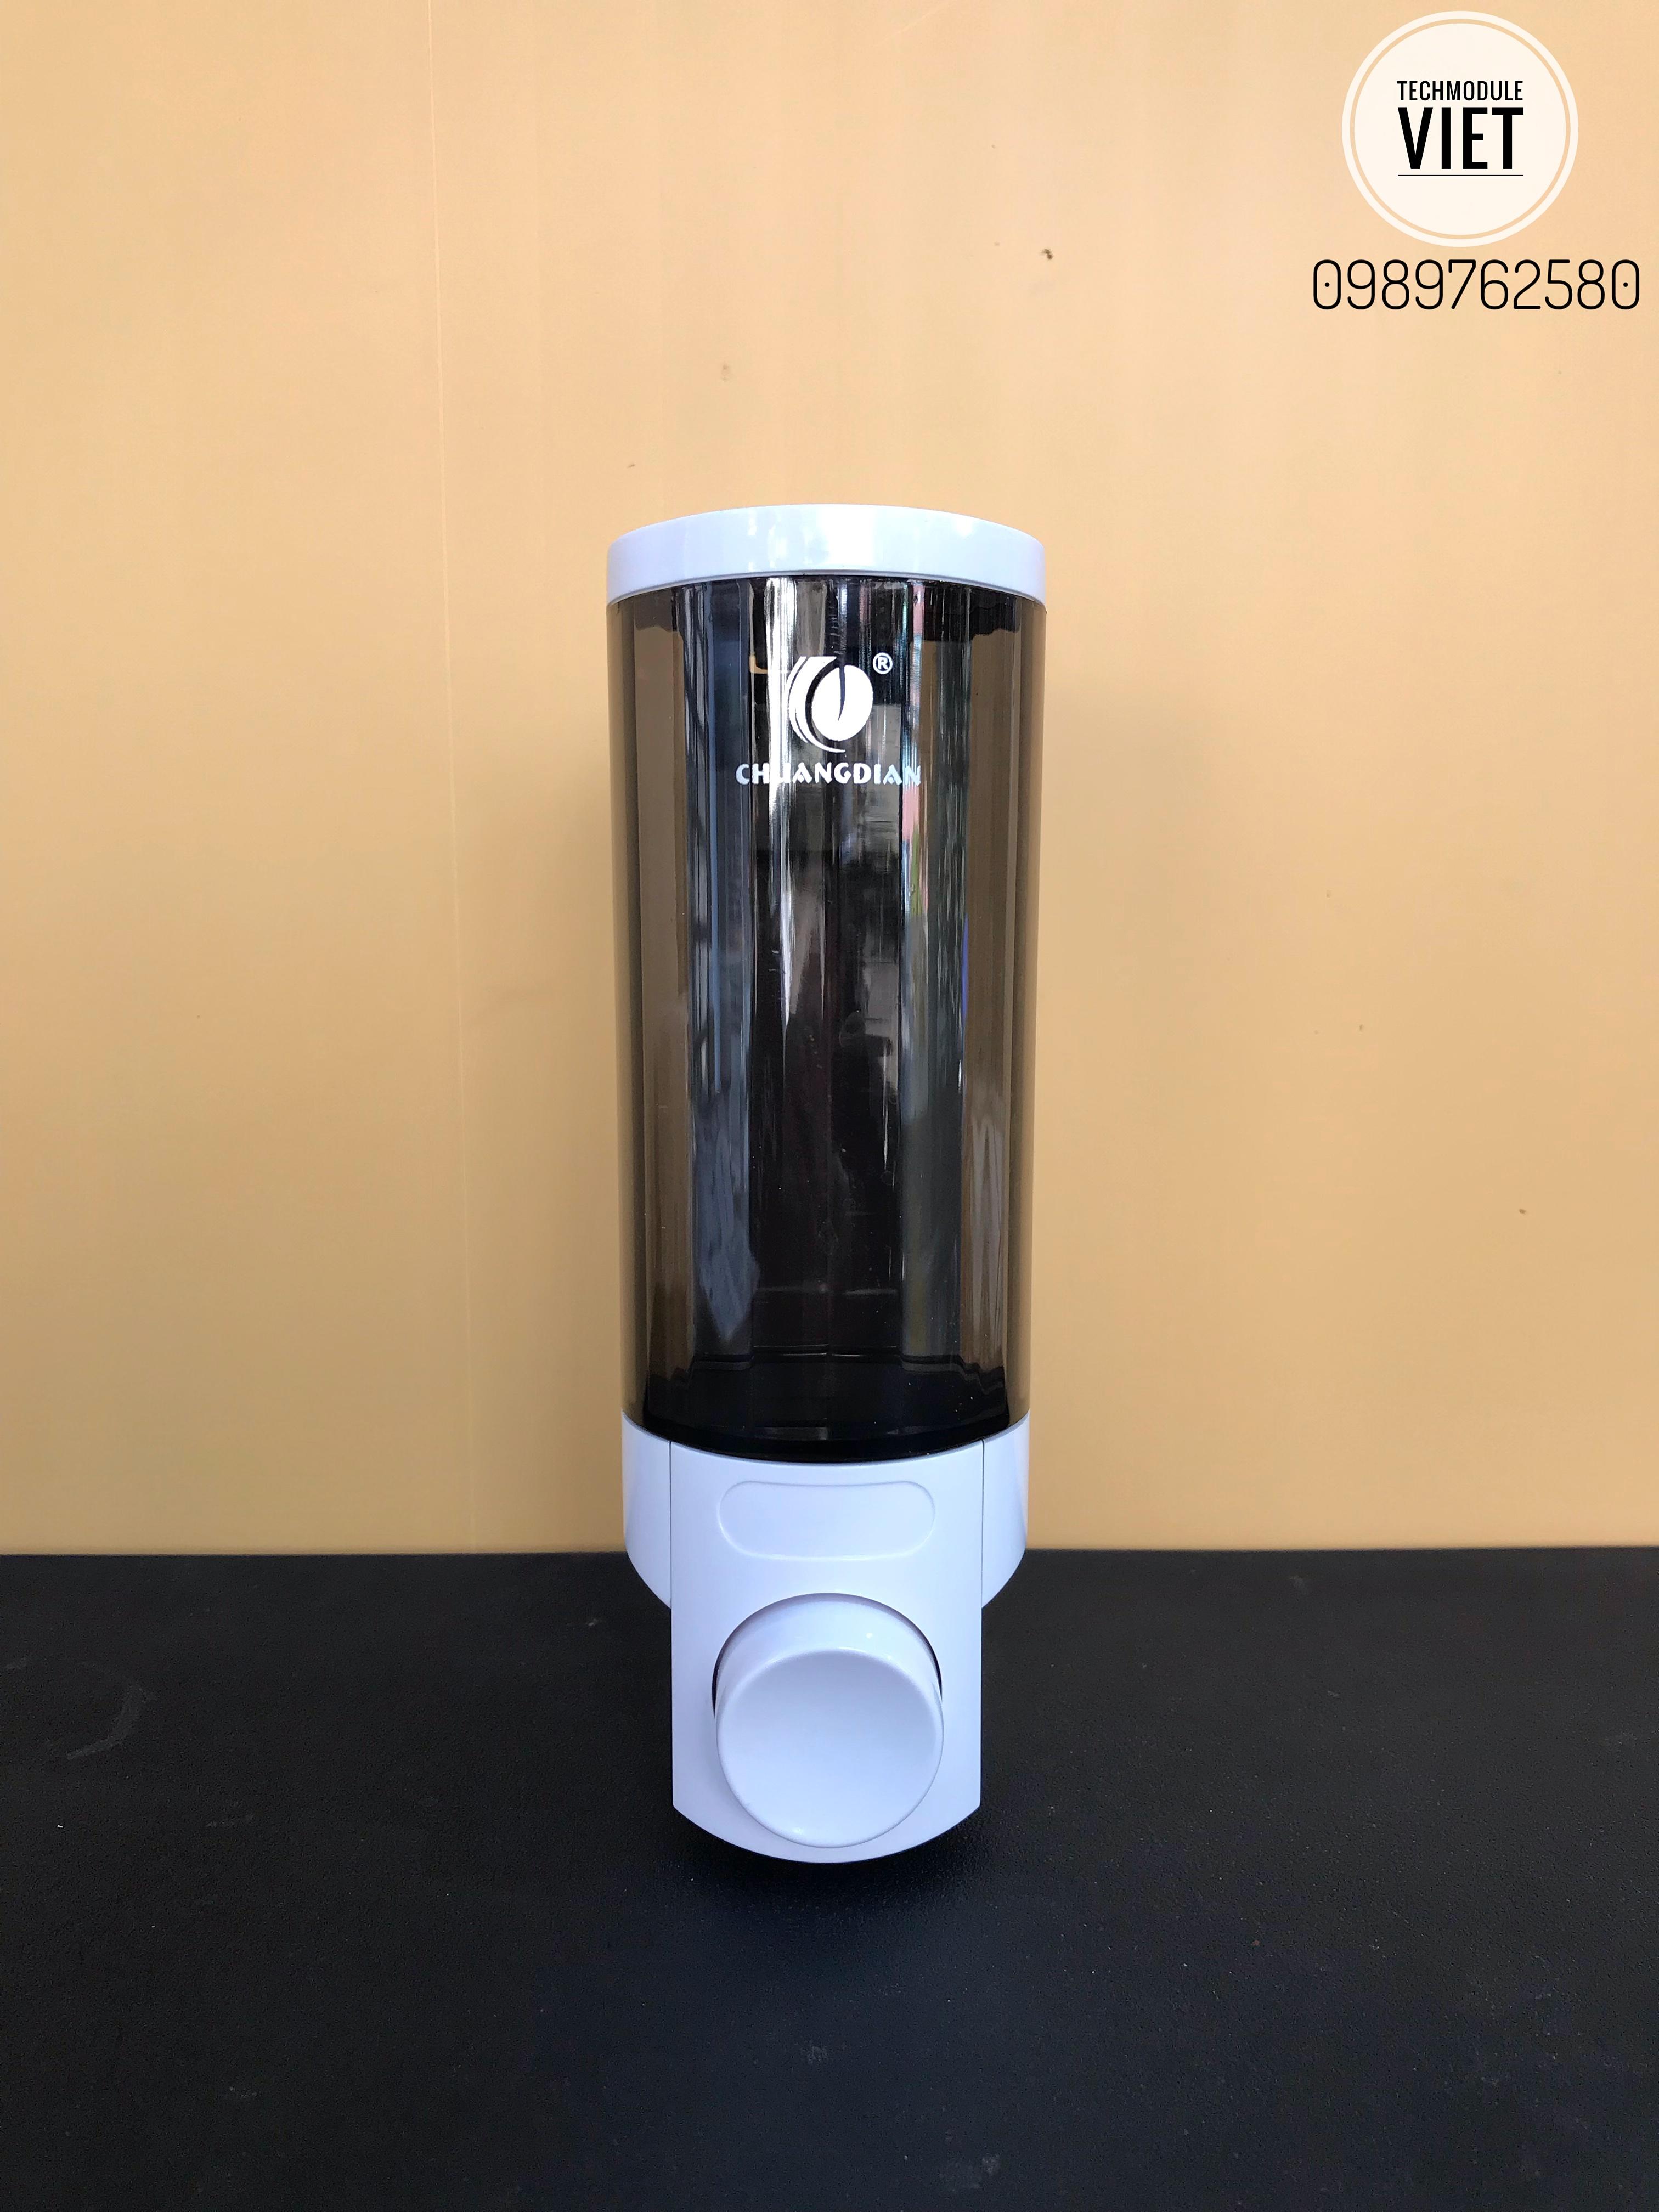 Bình đựng nước rửa tay hãng ChuangDian mã TMCD-1006A